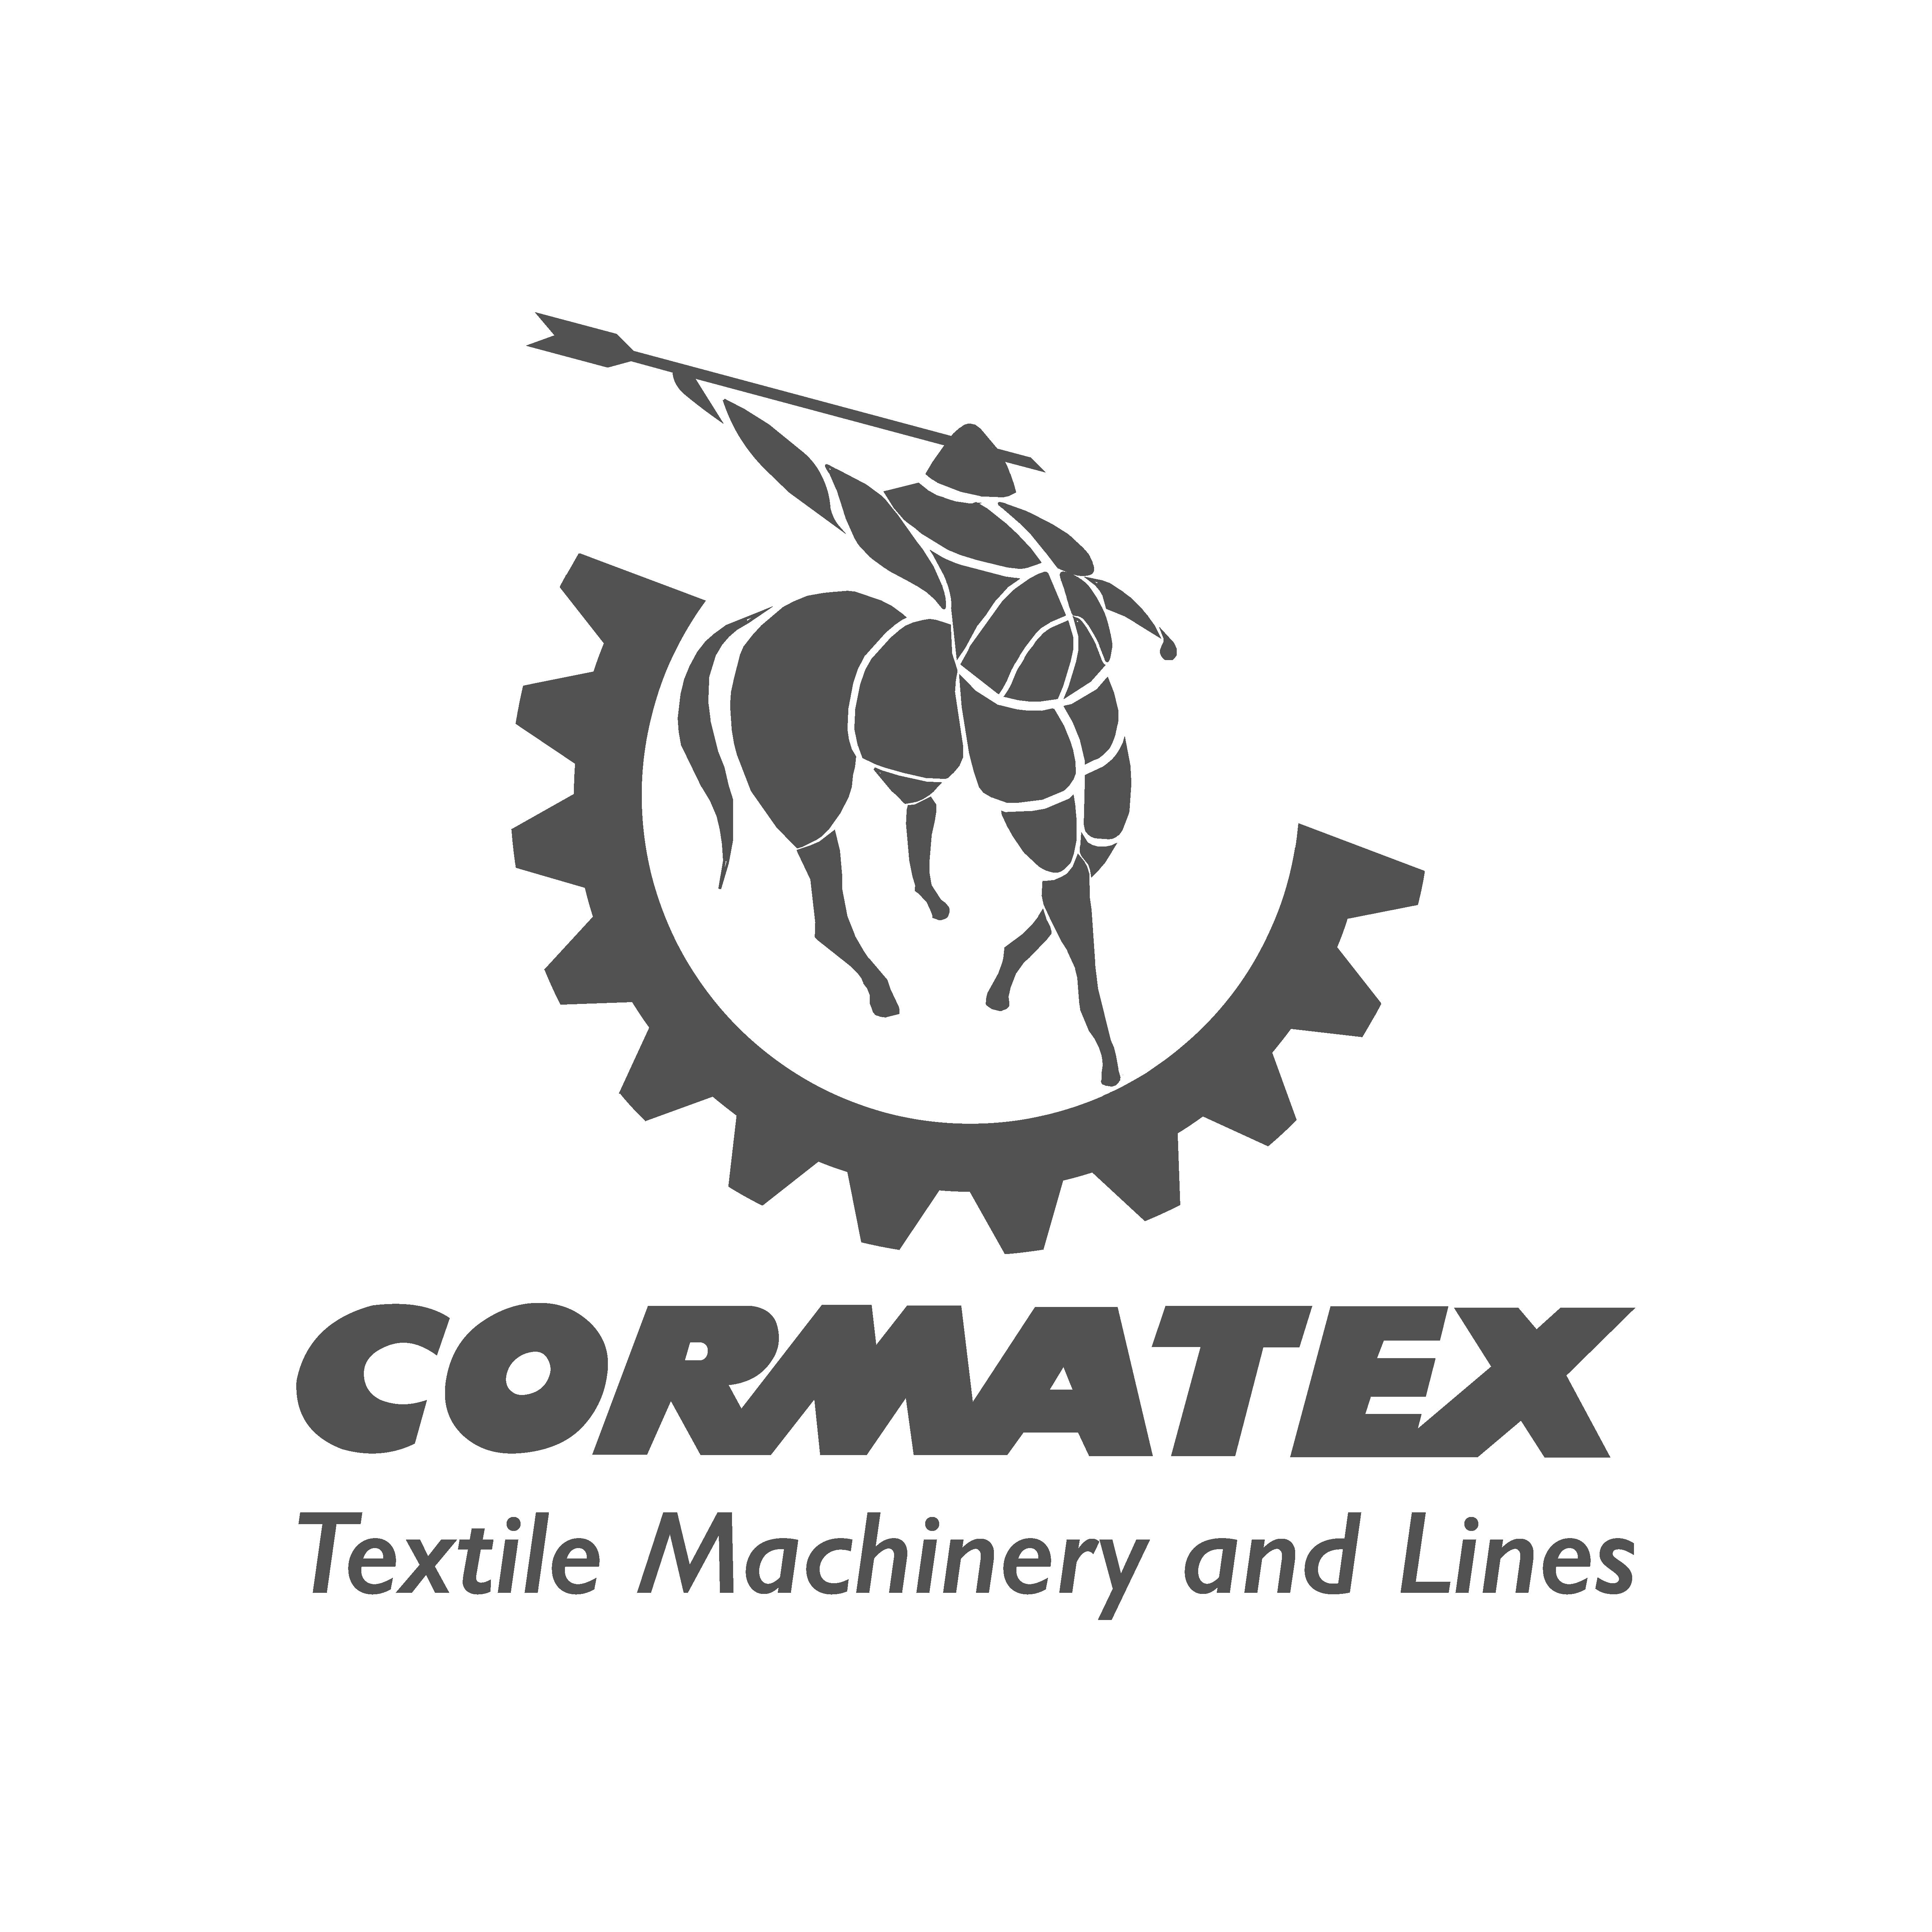 cormatex-logo-01